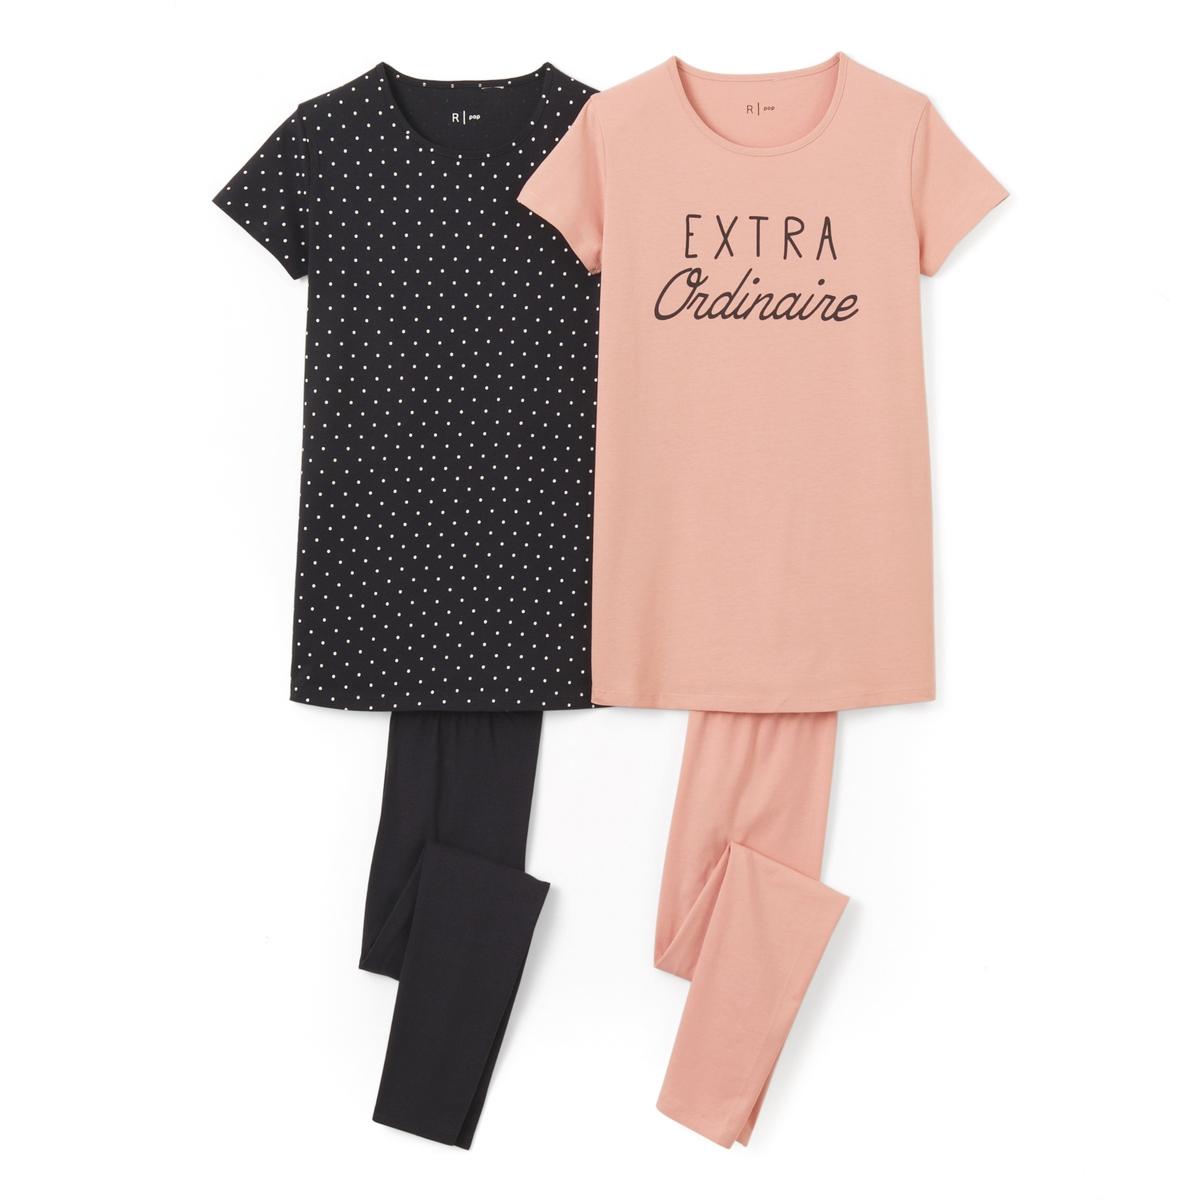 2 пижамы из джерси 10-16 лет футболка с принтом кактус 10 16 лет